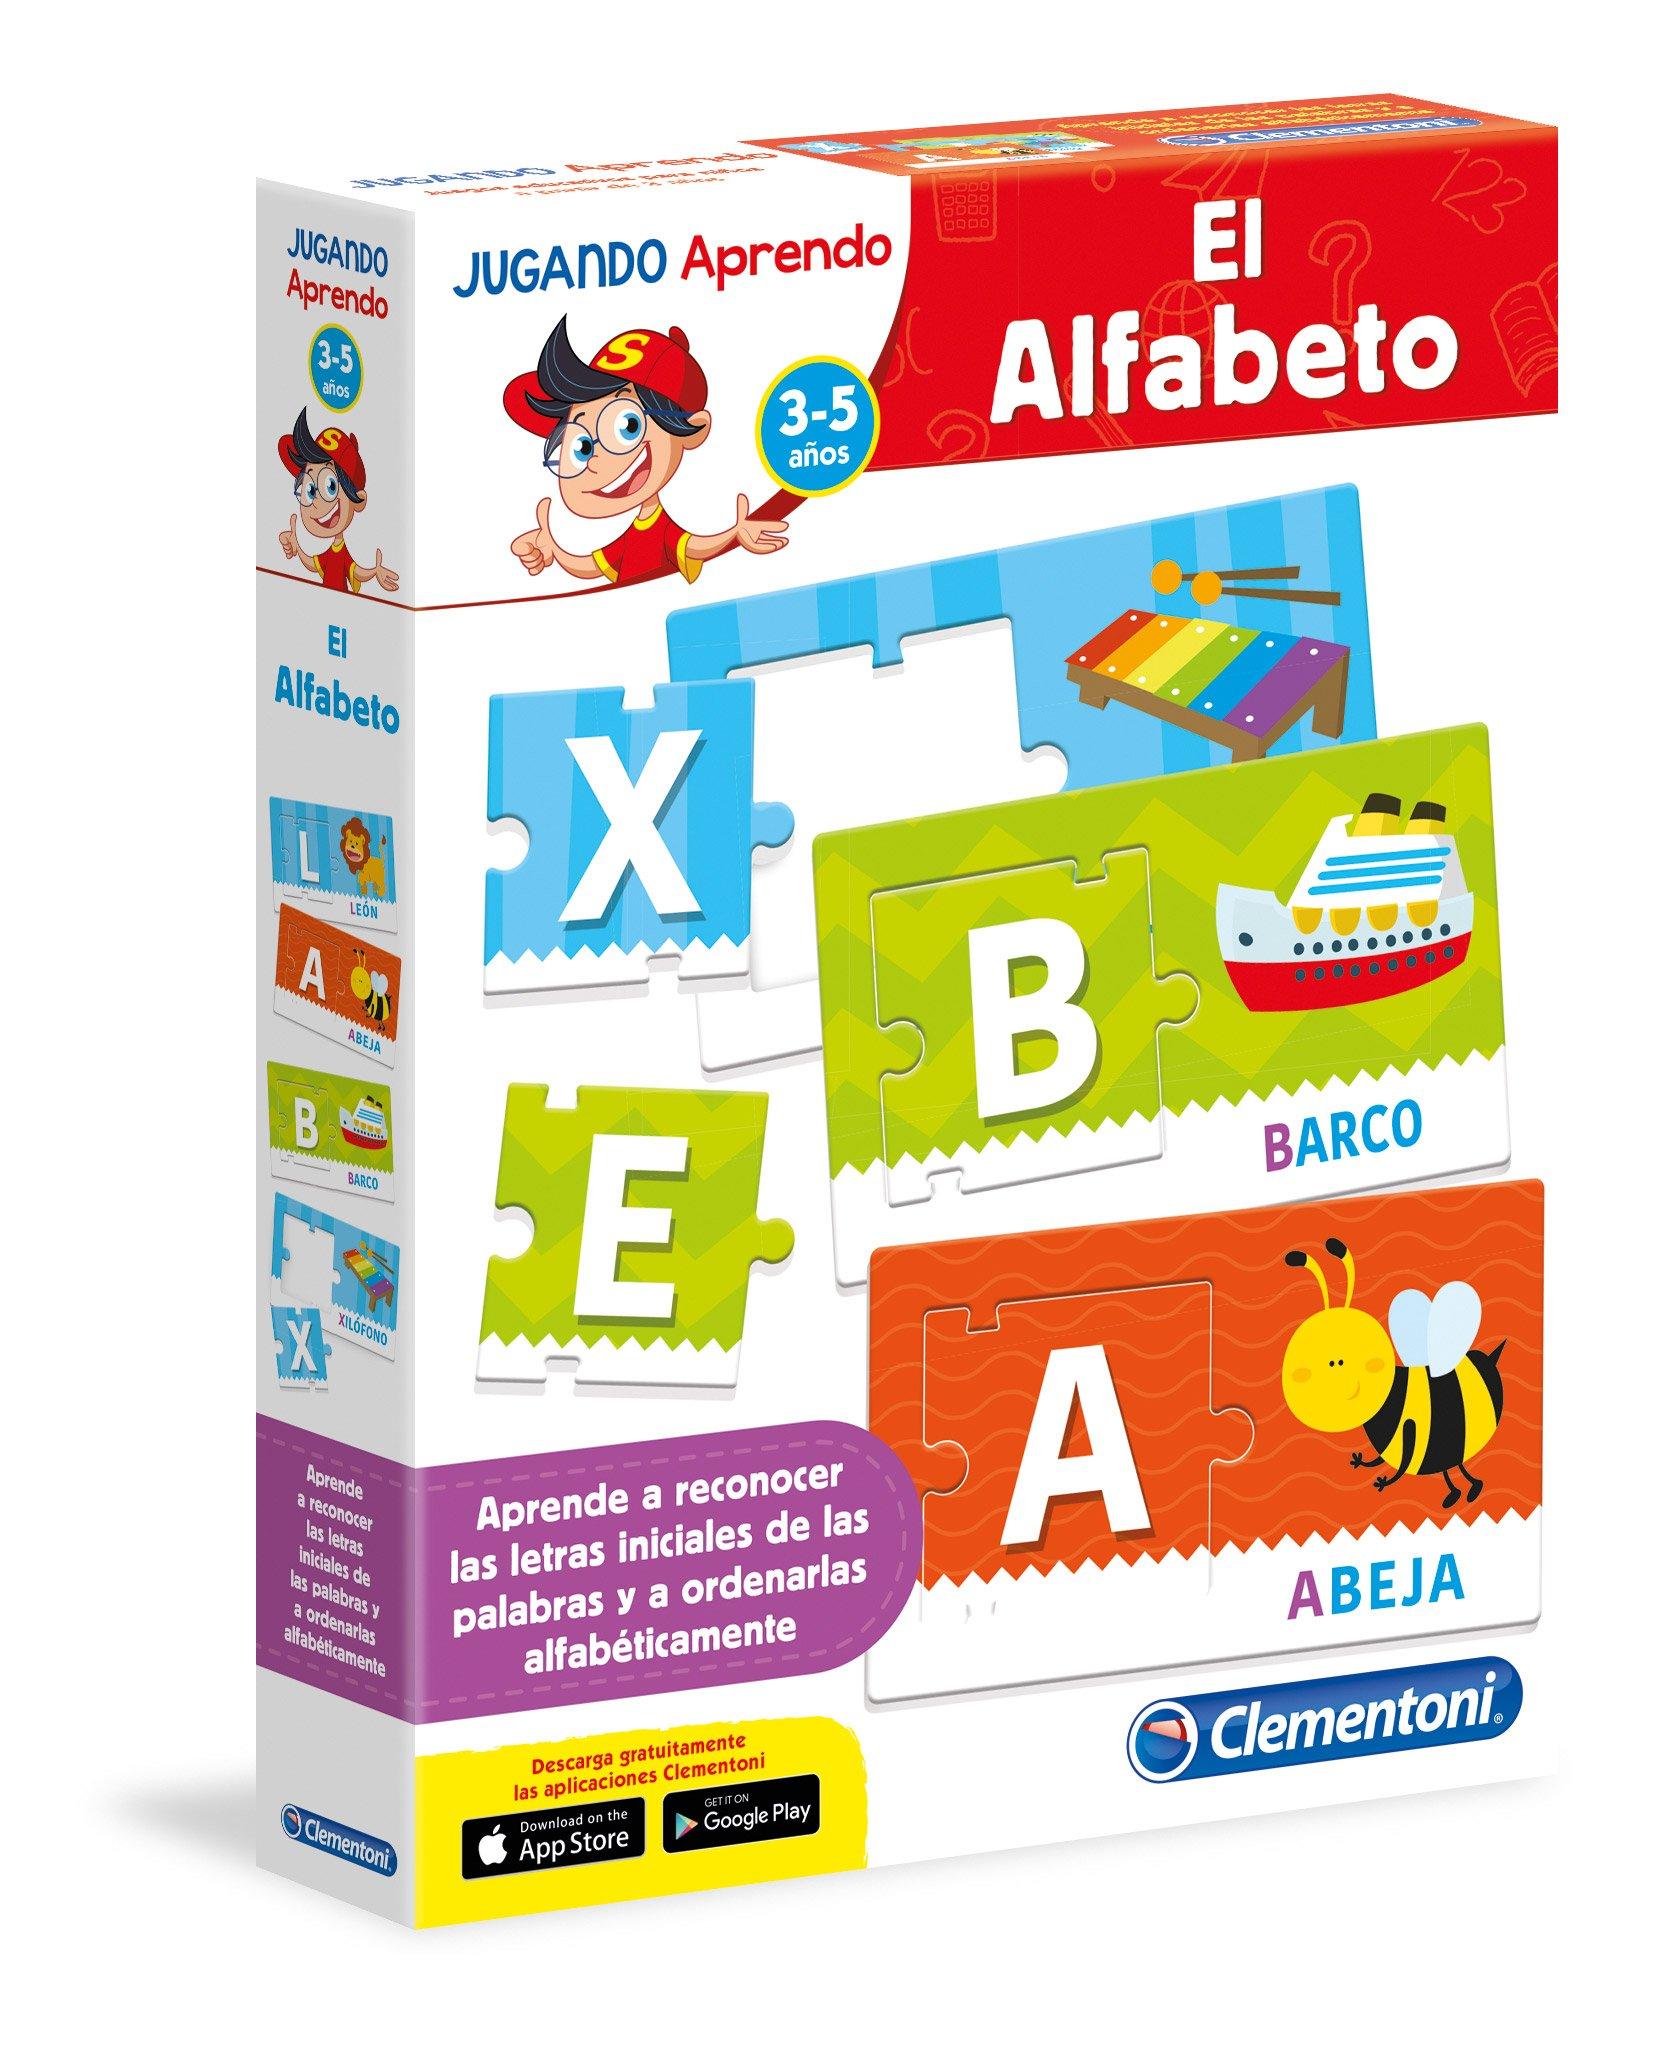 Clementoni - El Alfabeto, juego educativo (65594.6) product image